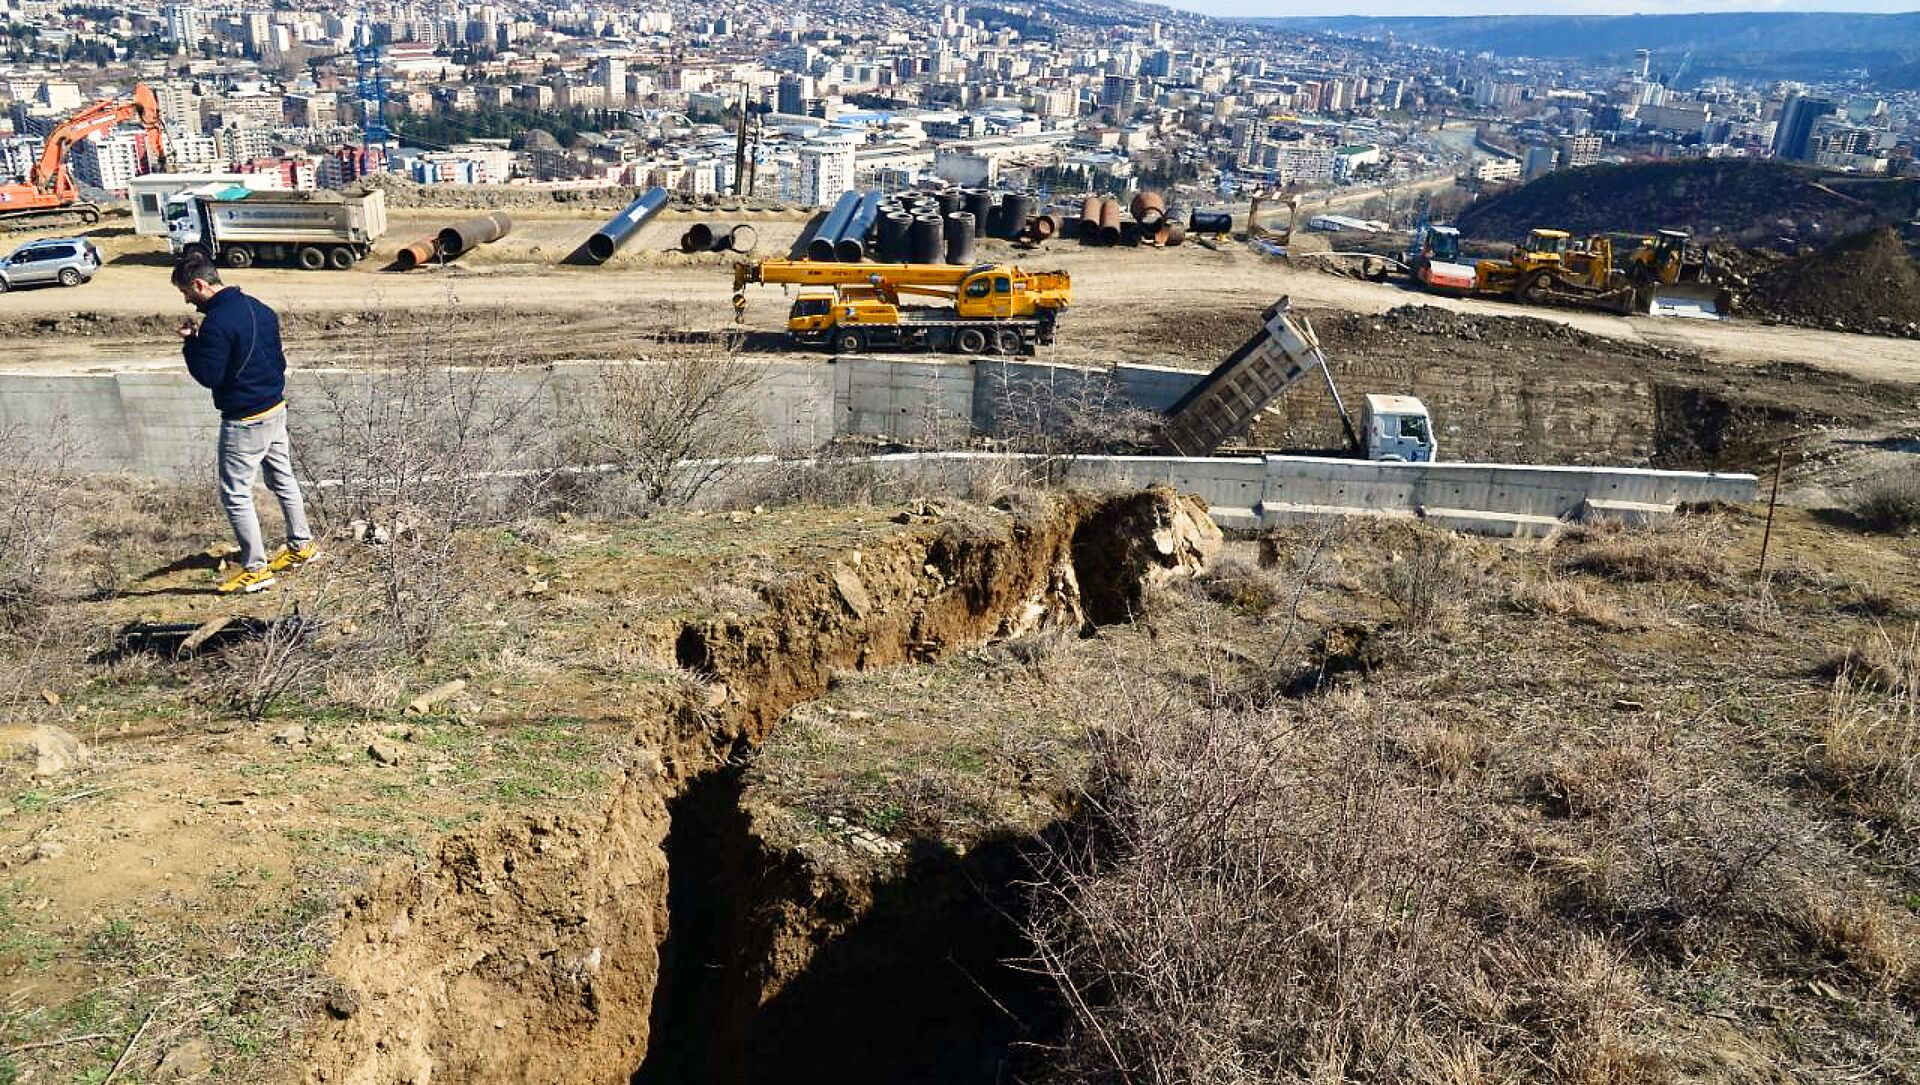 Оползневая зона в столице Грузии в районе Сабуртало в поселке Вашлиджвари - Sputnik Грузия, 1920, 23.03.2021